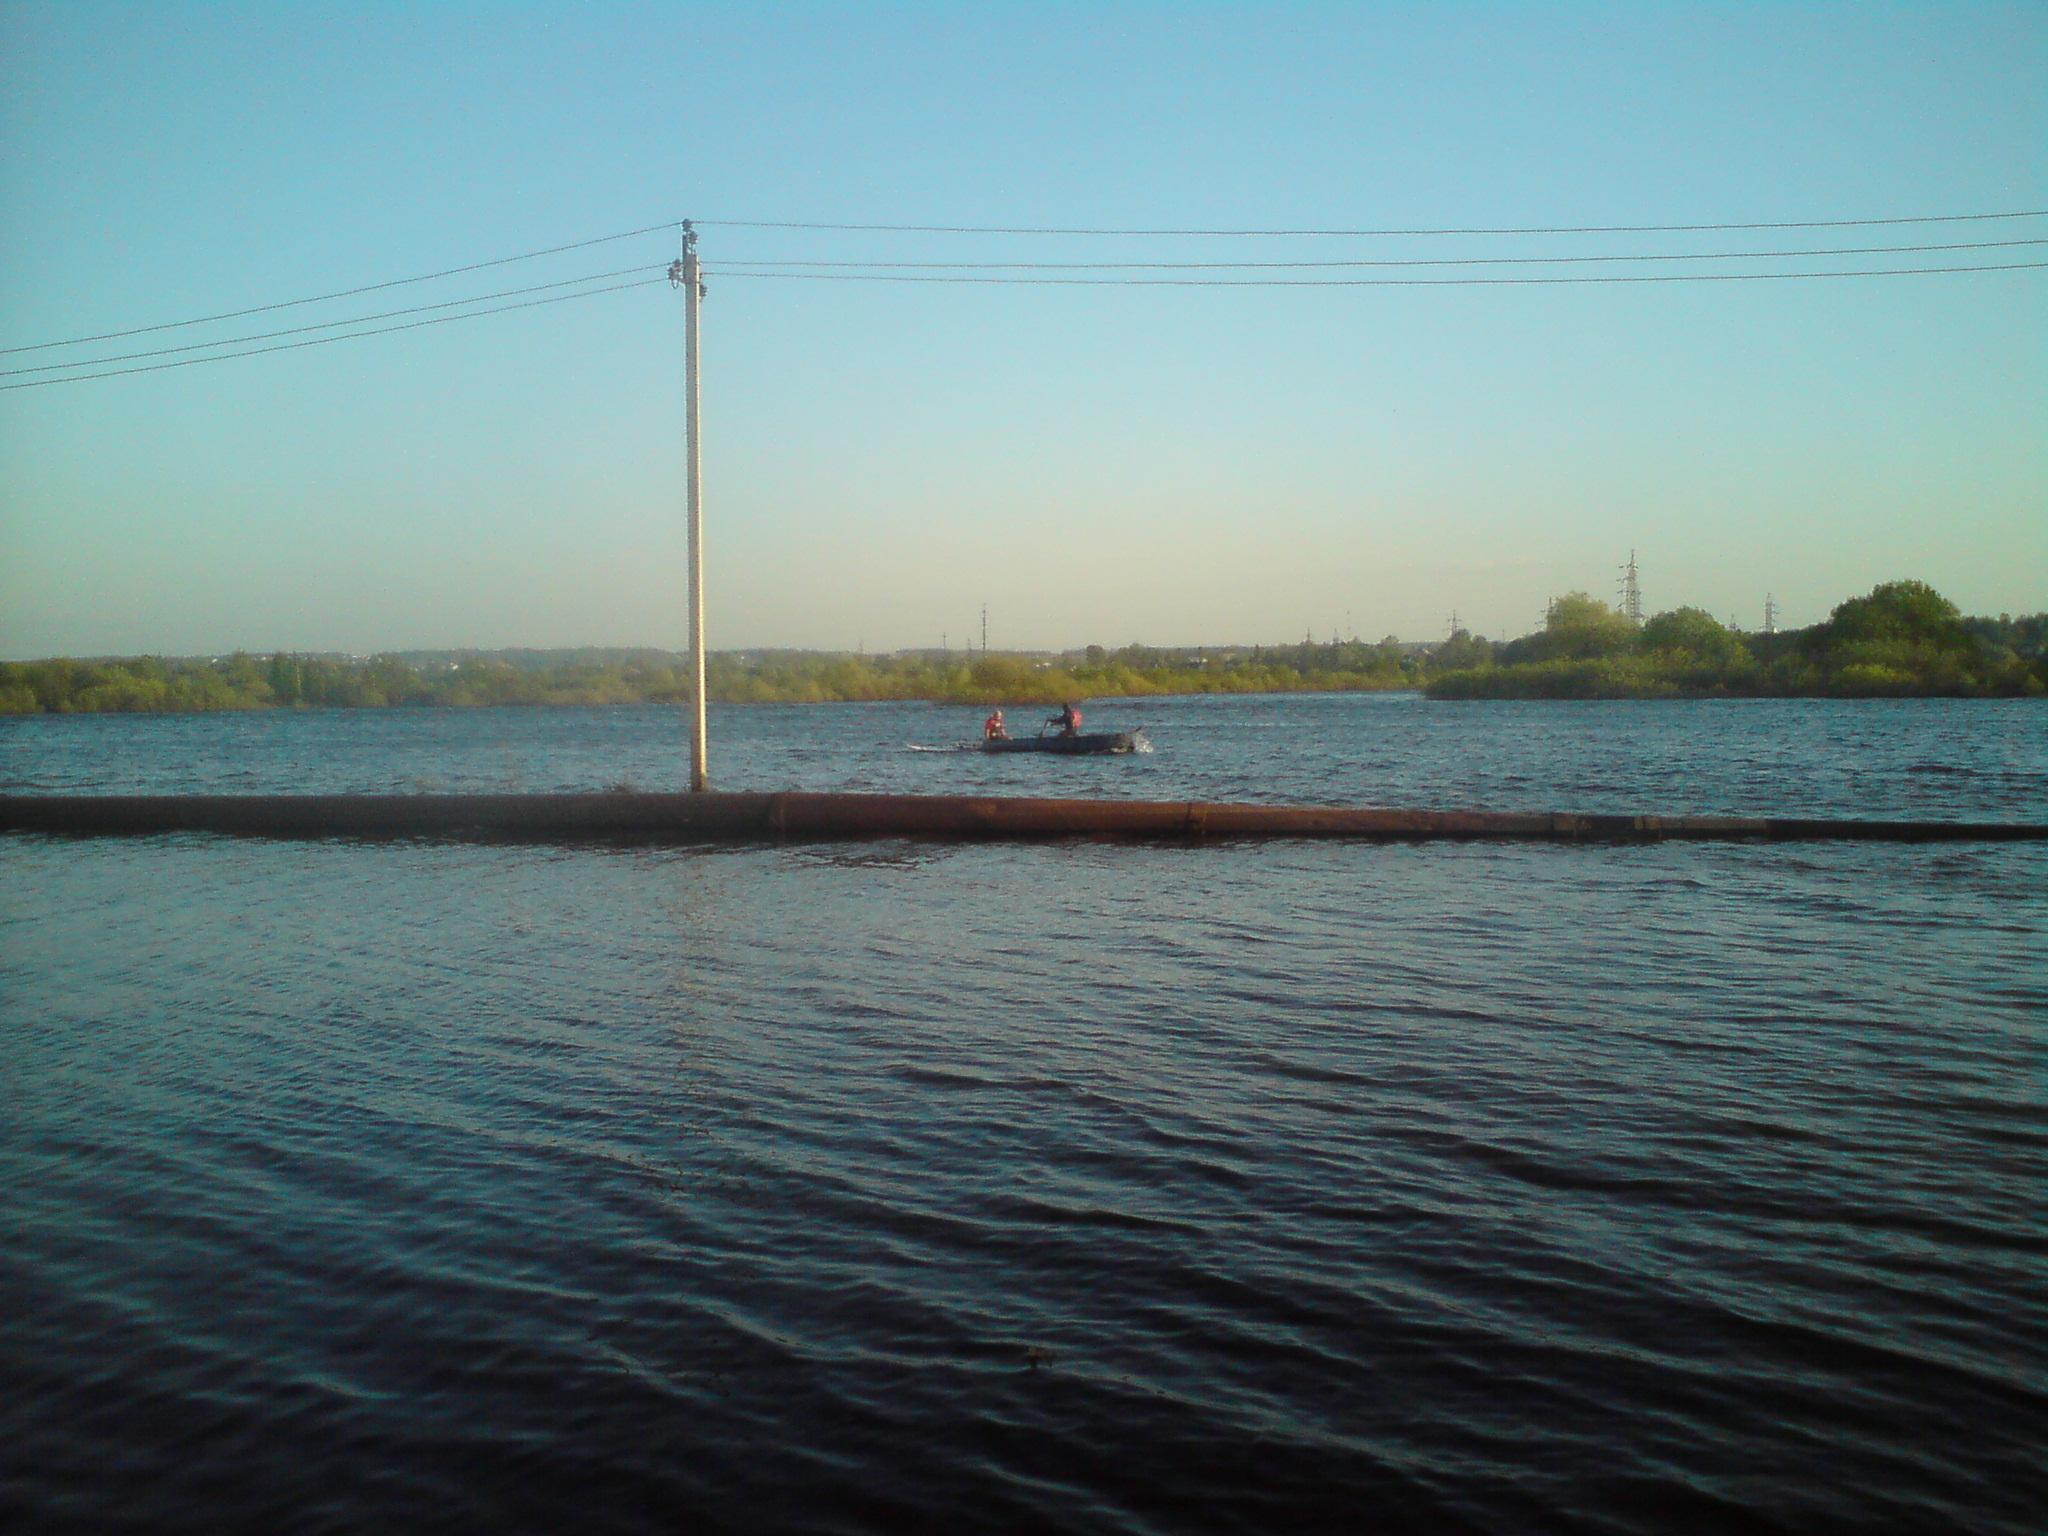 http://www.bryansk.wind.ru/sites/default/files/DSC00682.JPG